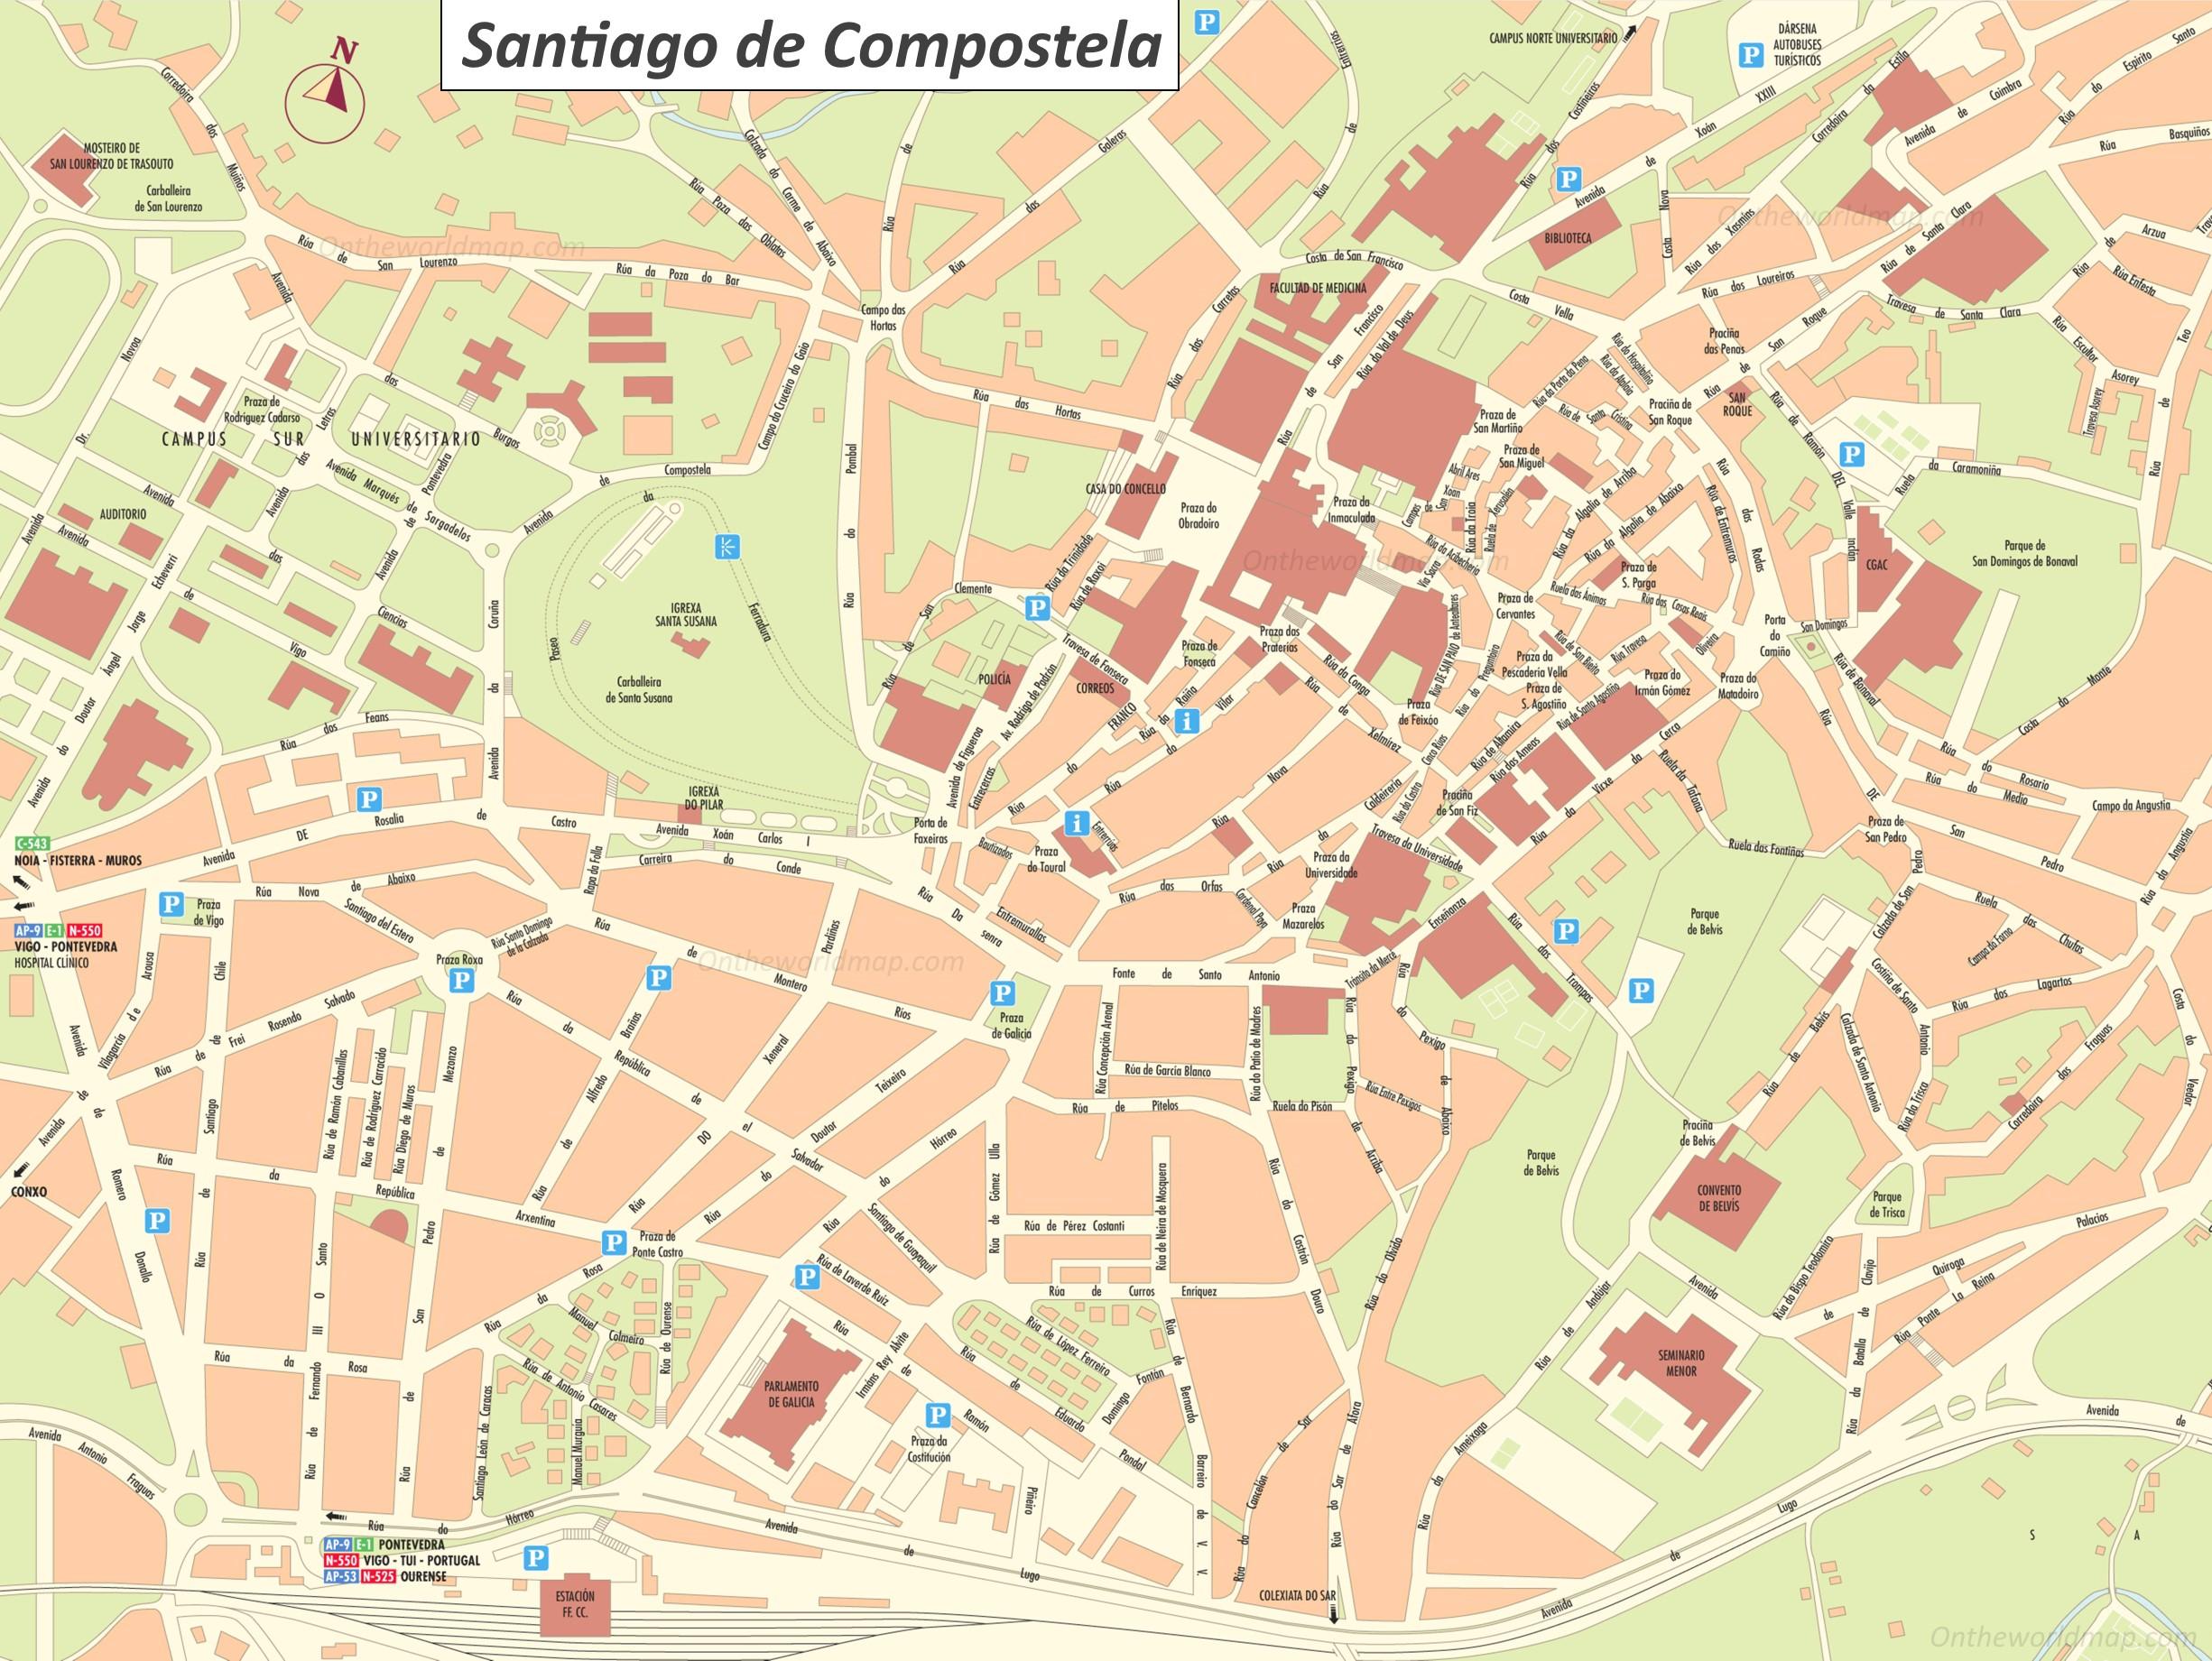 Santiago de Compostela tourist map